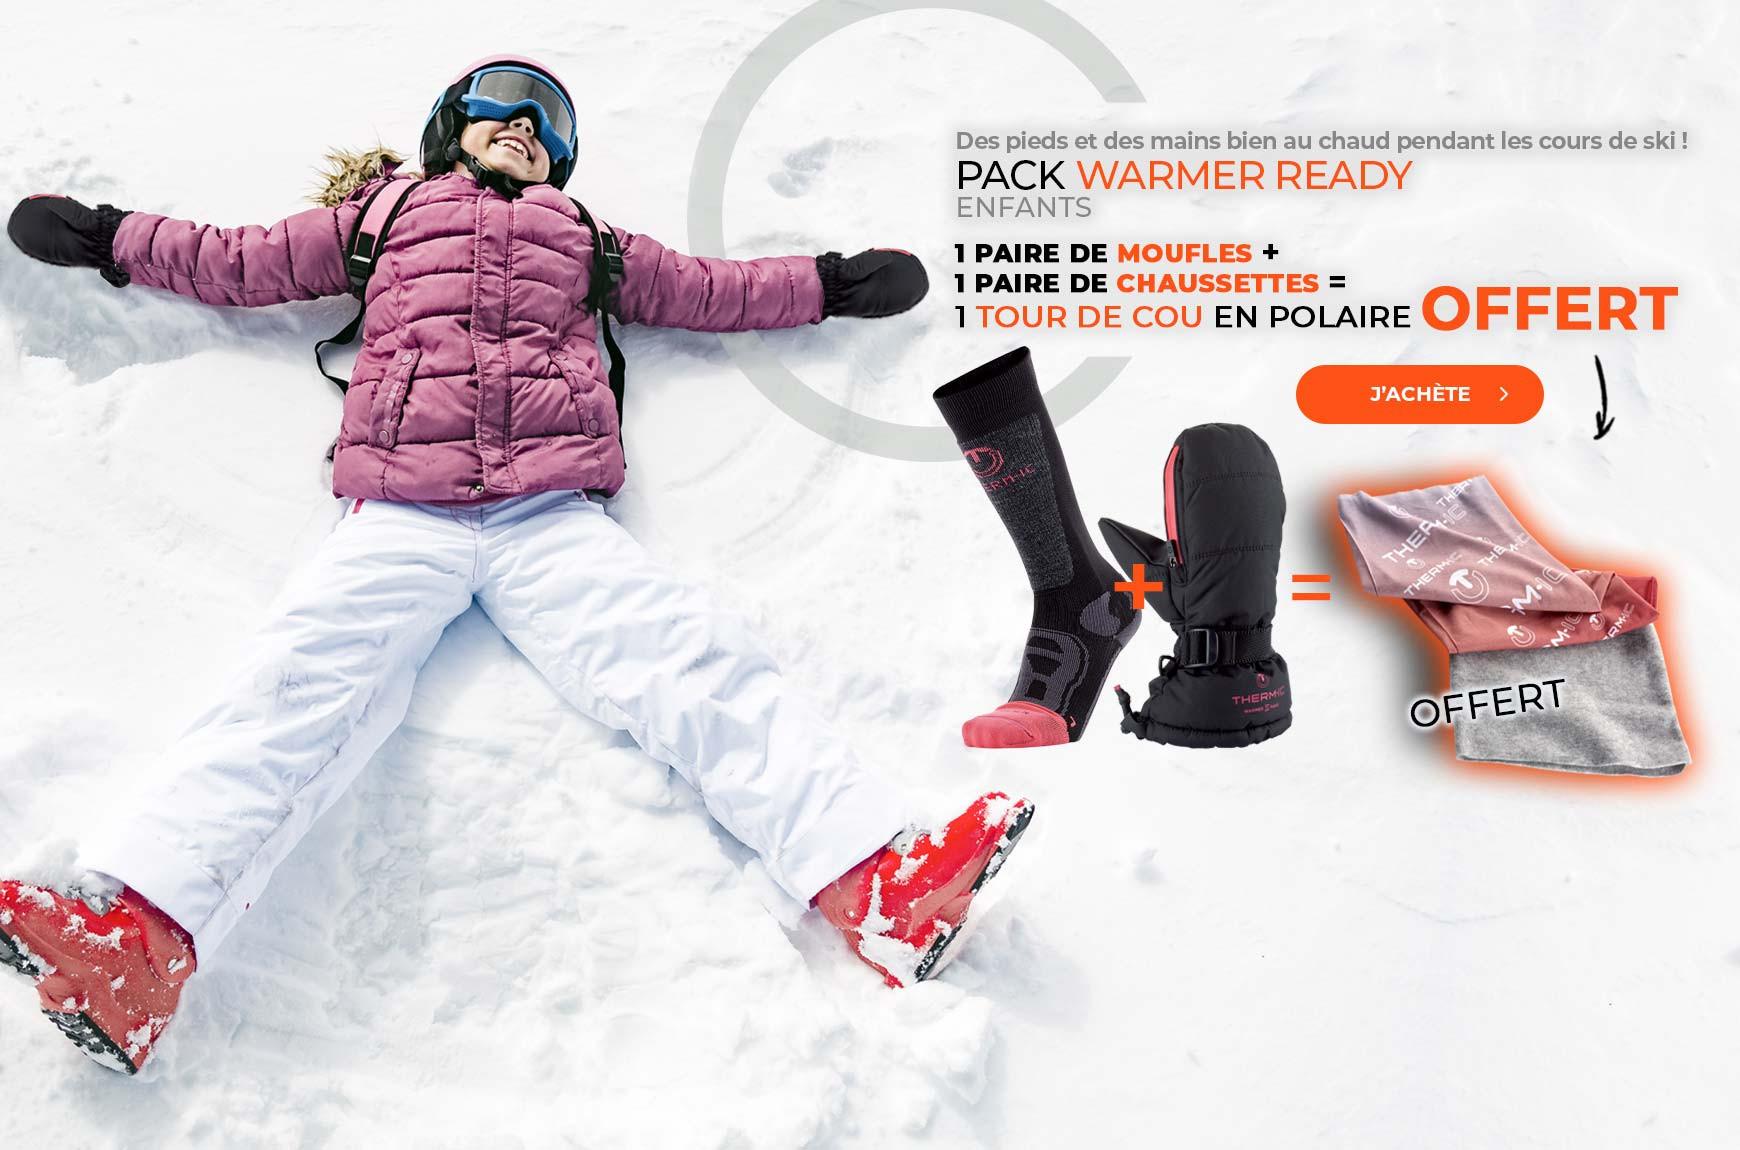 OFFRE un tour de cou OFFERT pour l'achat de 2 produits enfant Warmer Ready